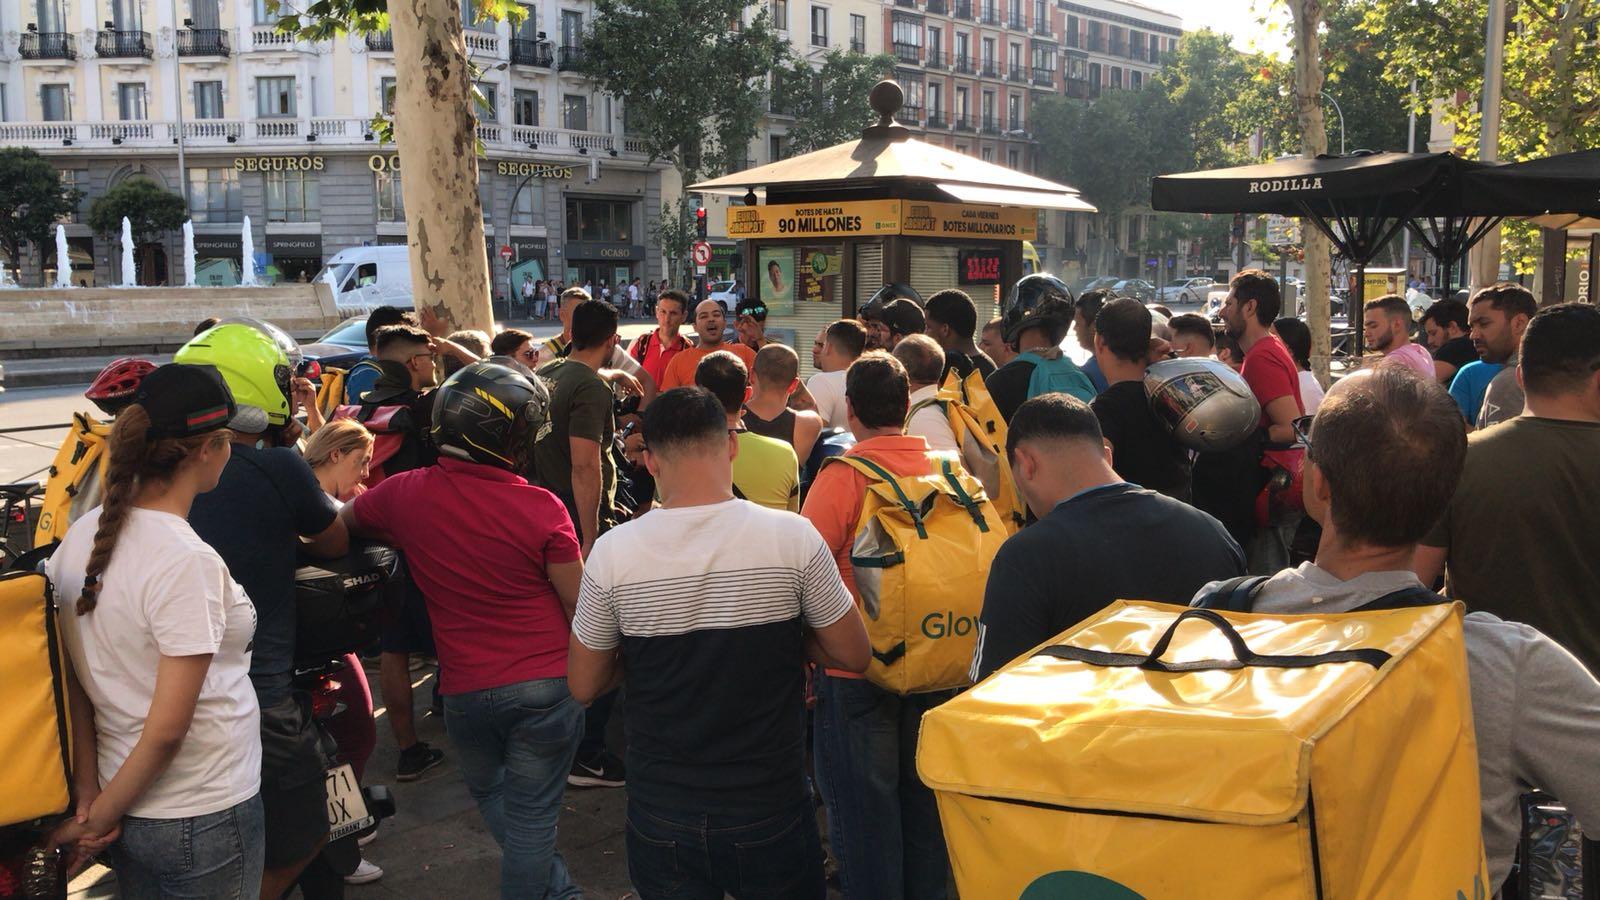 Los 'riders' afines a Glovo burlan a Yolanda Díaz